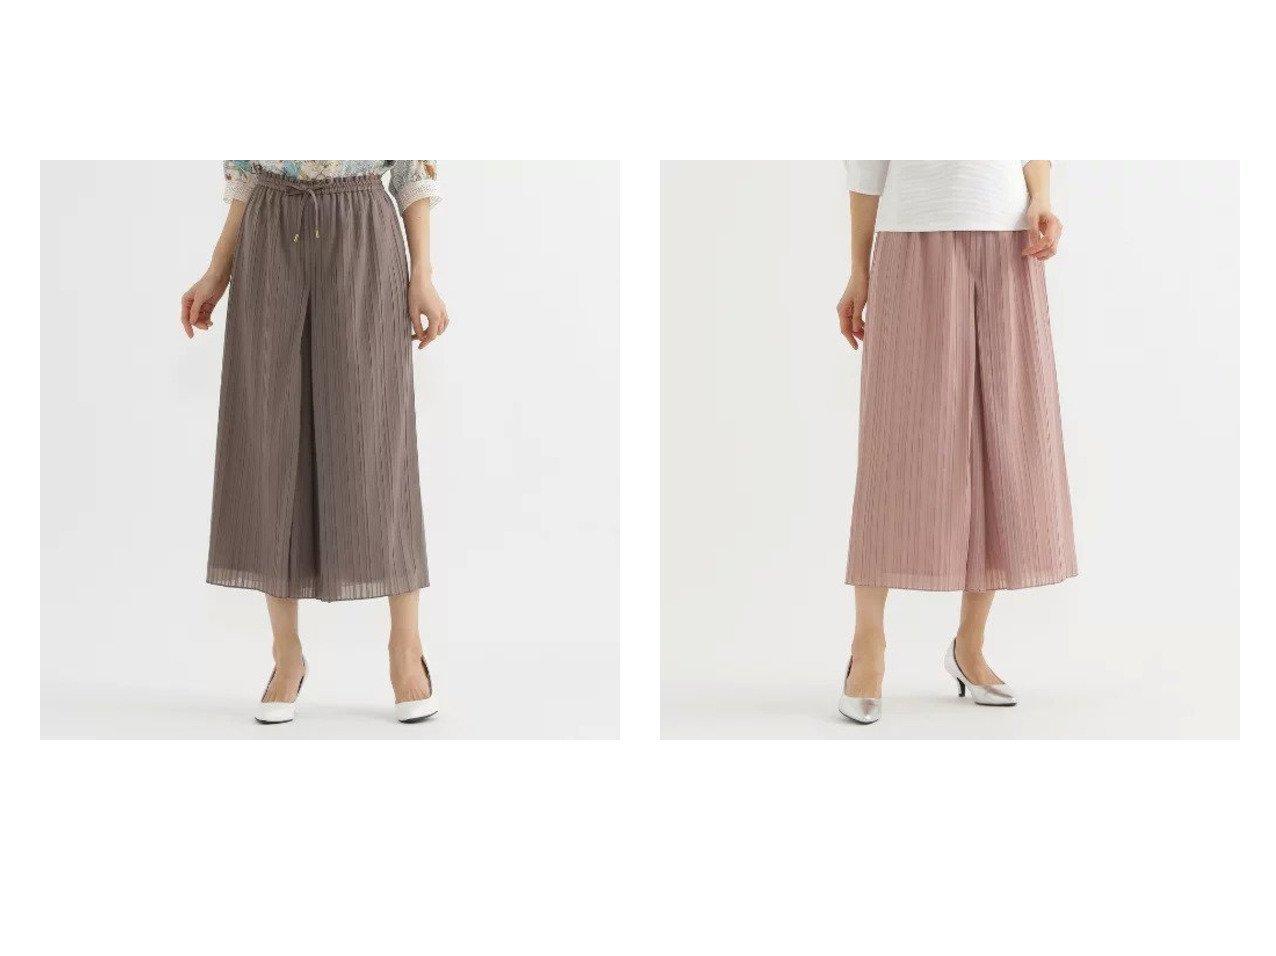 【TRANS WORK/トランスワーク】の【ウォッシャブル】オーガンジートリコットプリーツパンツ パンツのおすすめ!人気、トレンド・レディースファッションの通販   レディースファッション・服の通販 founy(ファニー)